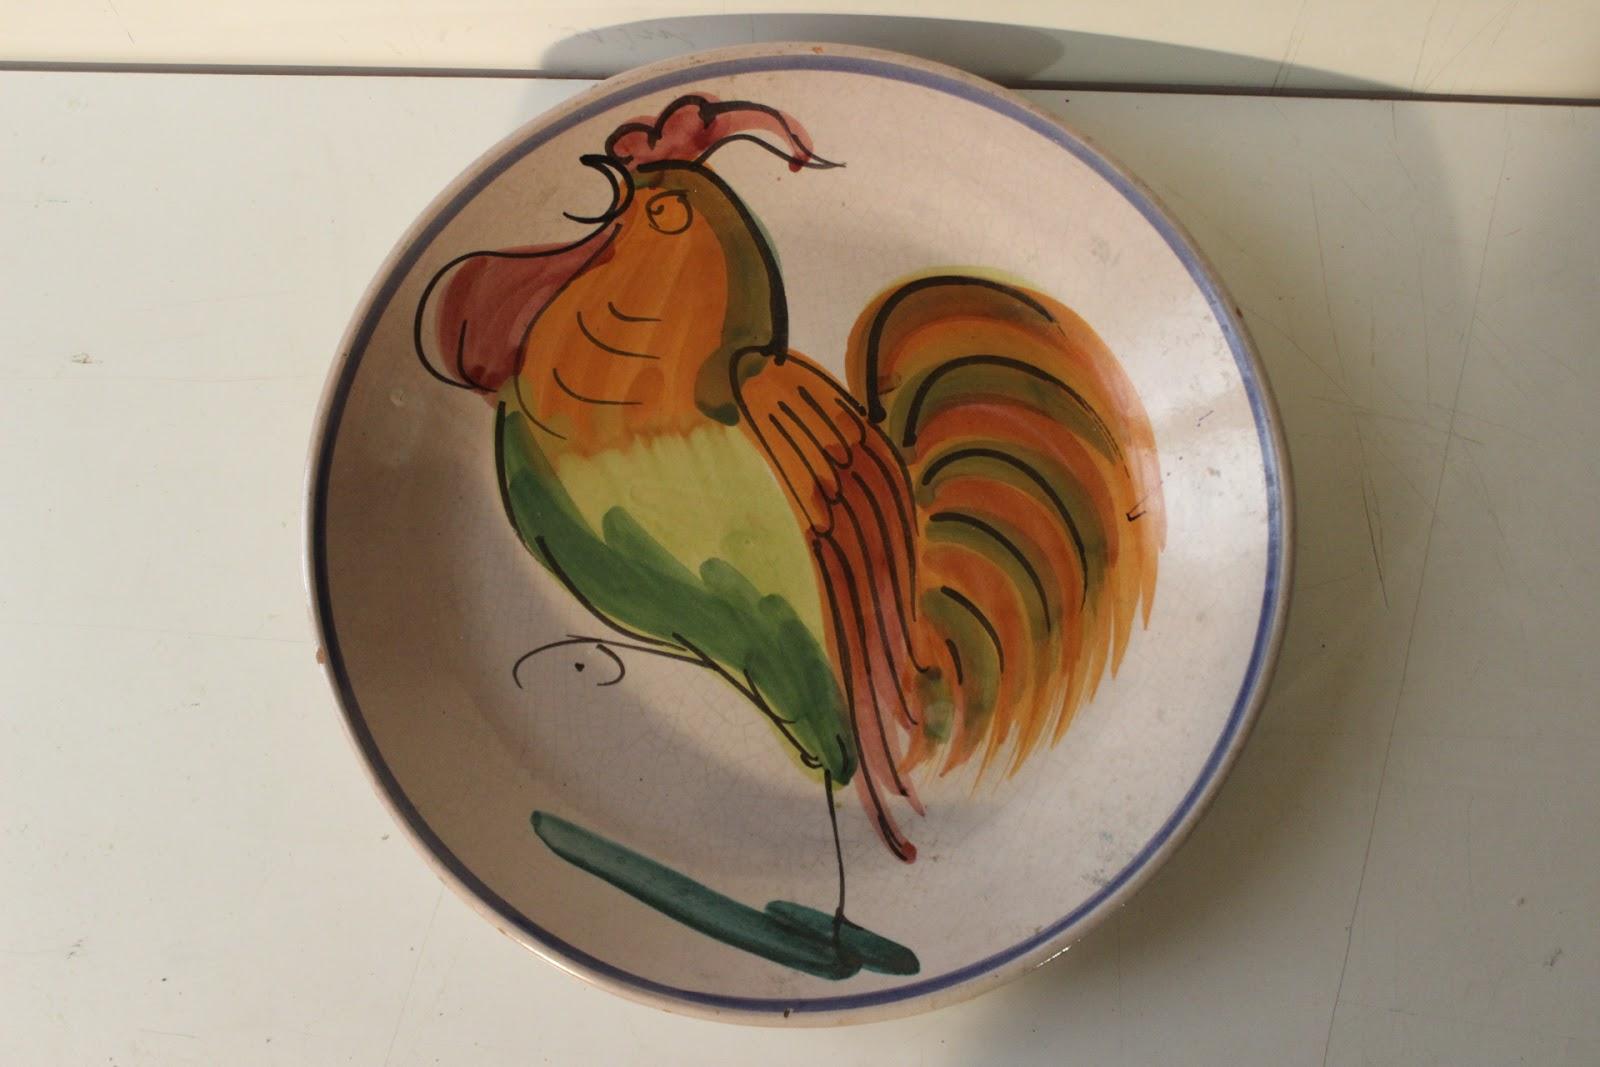 Antico fine 800 grande piatto fangotto in ceramica maiolica con